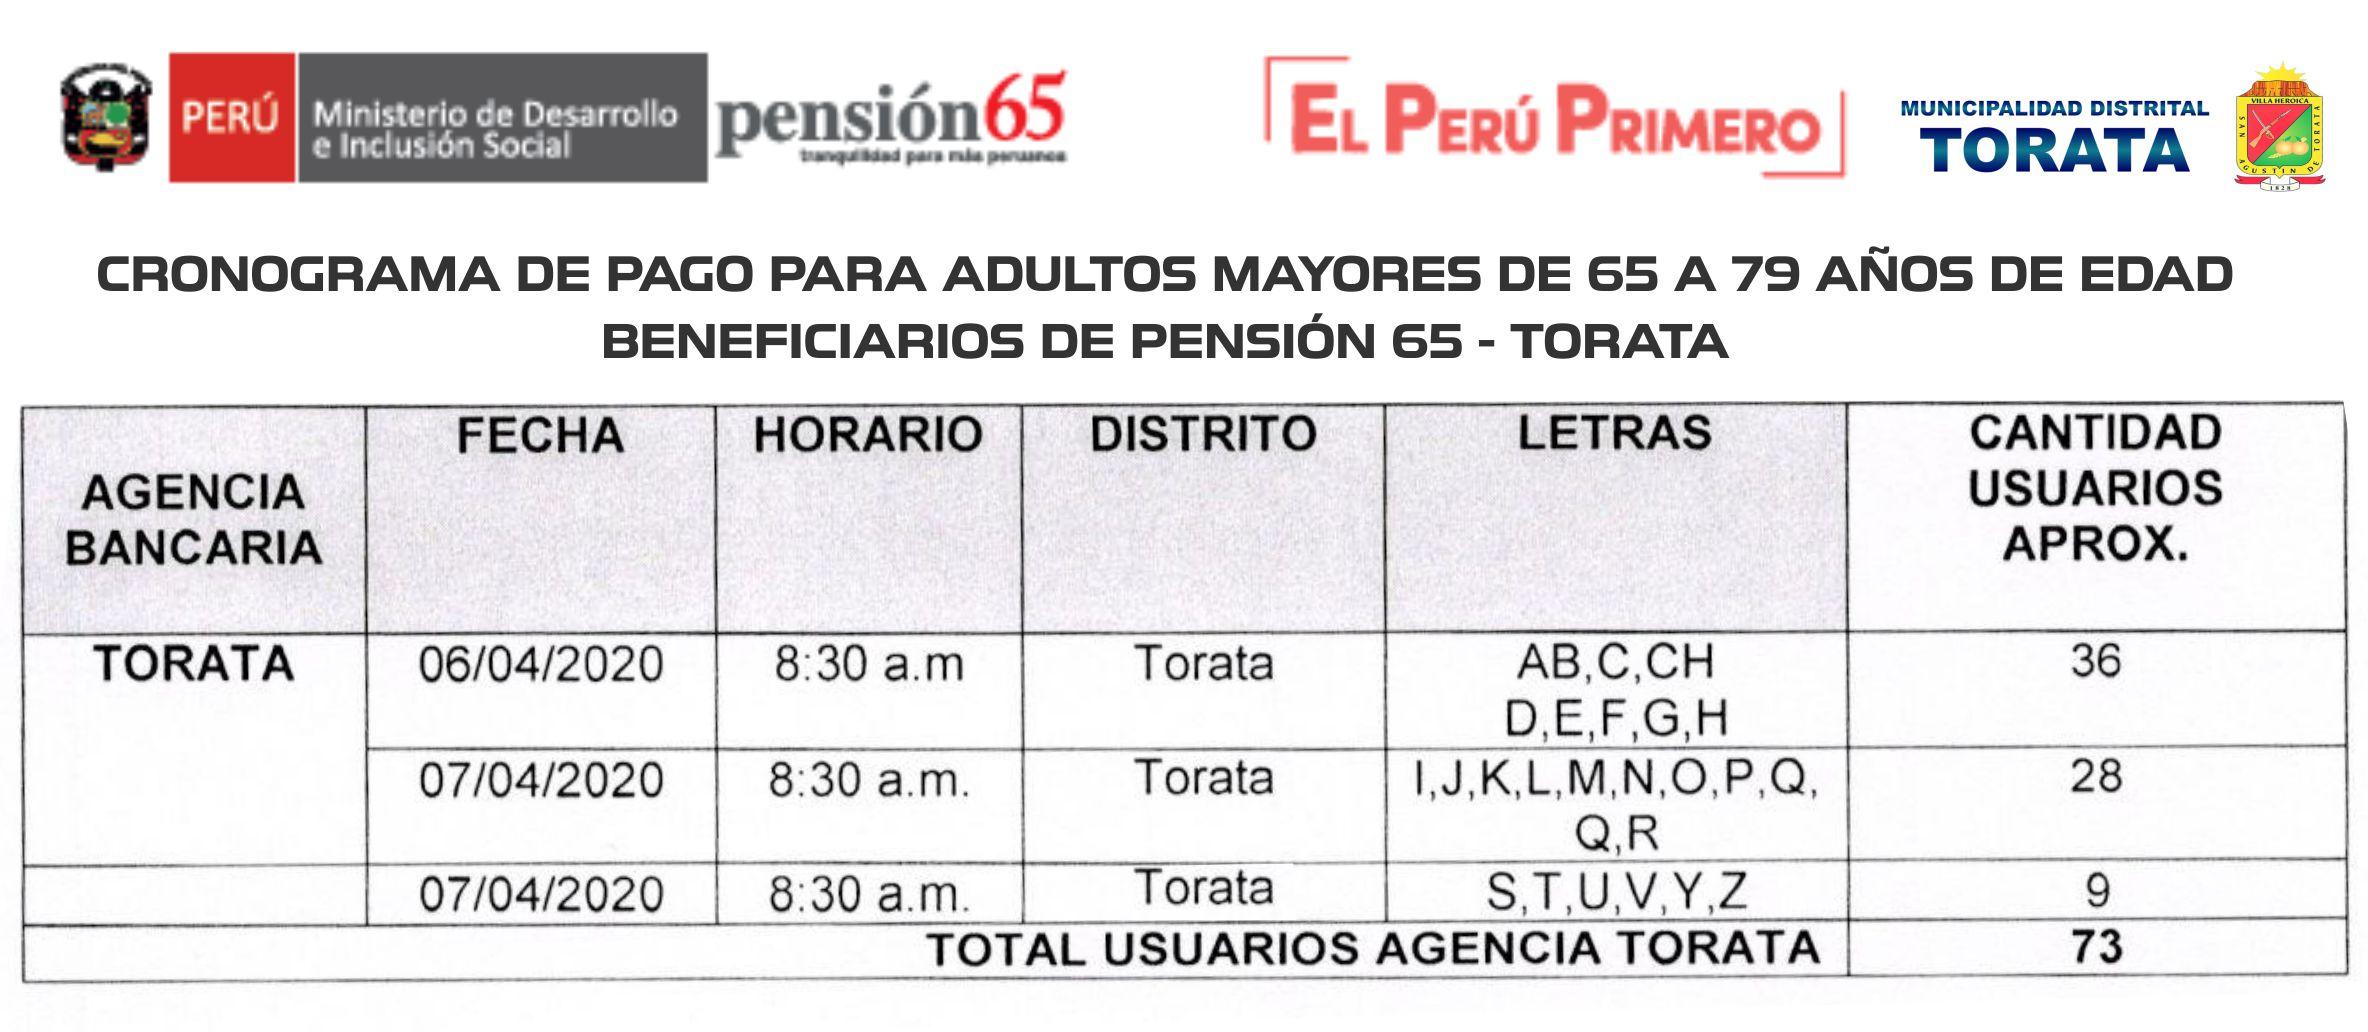 BENEFICIARIOS DE PENSIÓN 65 DEL DISTRITO DE TORATA PERCIBIRÁN POR ADELANTADO SU BONO CORRESPONDIENTE A LOS MESES DE MARZO A JUNIO